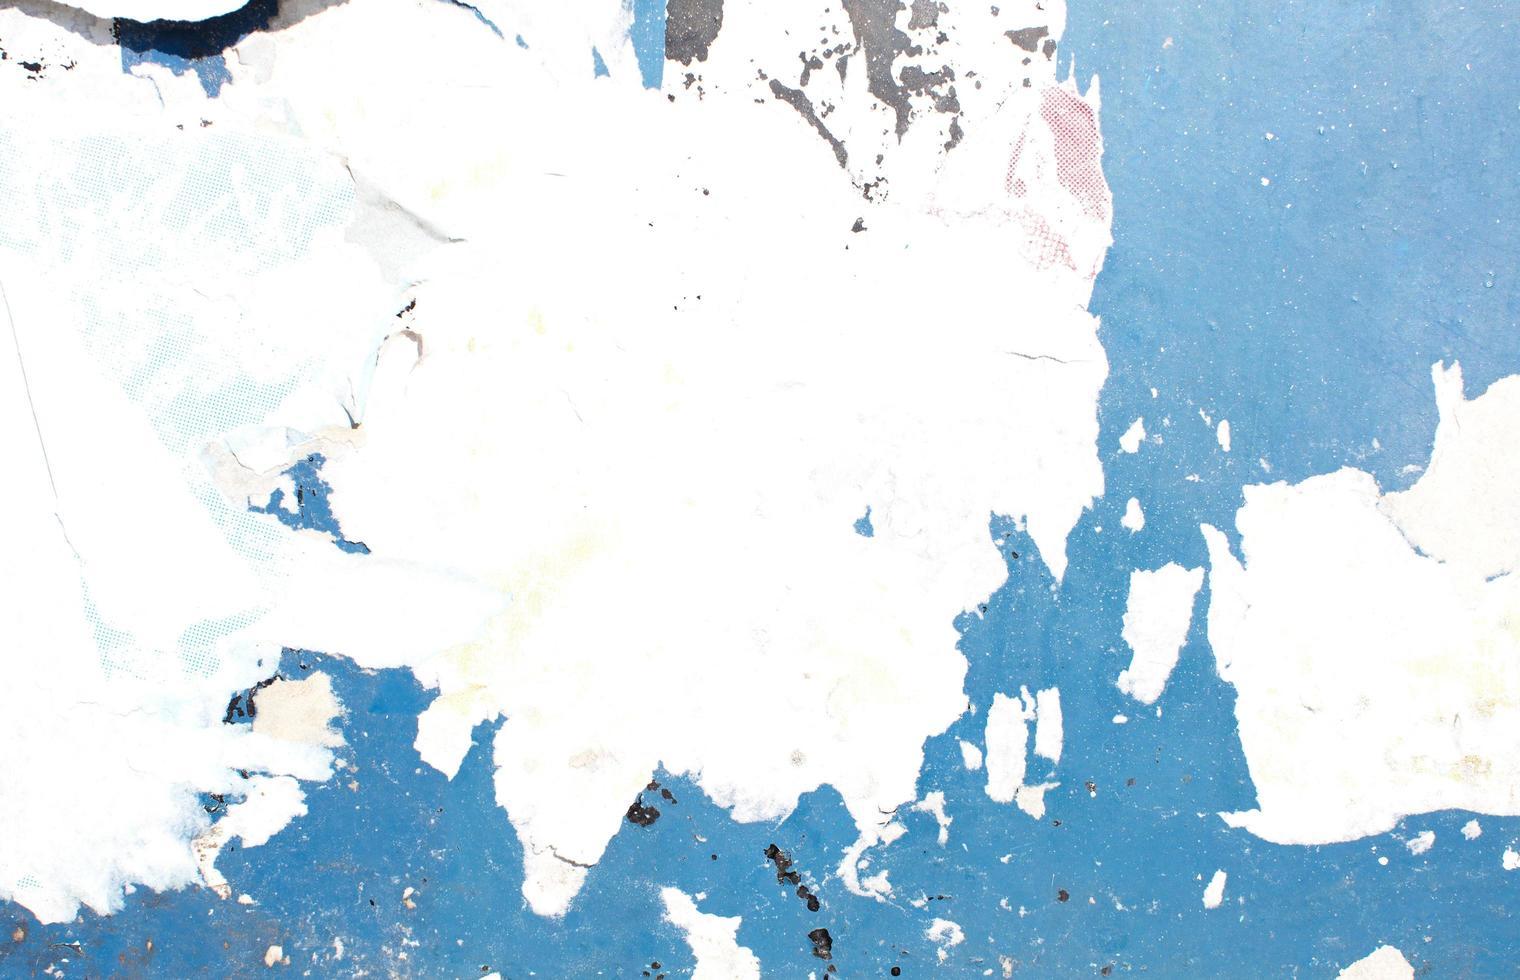 afgestoken verf textuur foto